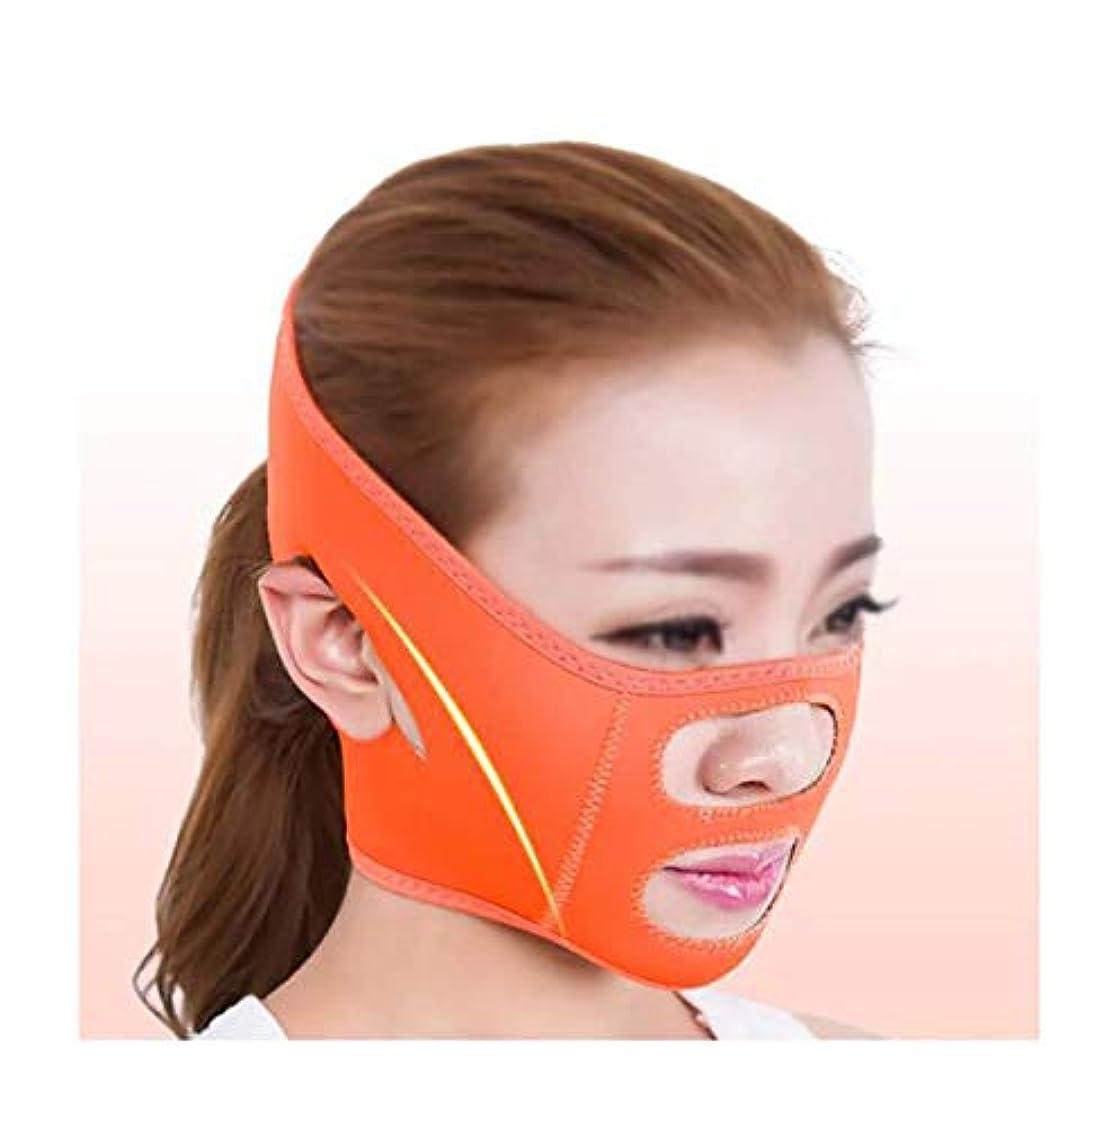 分離遺体安置所かわすファーミングフェイスマスク、術後リフティングマスクホーム包帯揺れネットワーク赤女性Vフェイスステッカーストラップ楽器顔アーティファクト(色:青),オレンジ